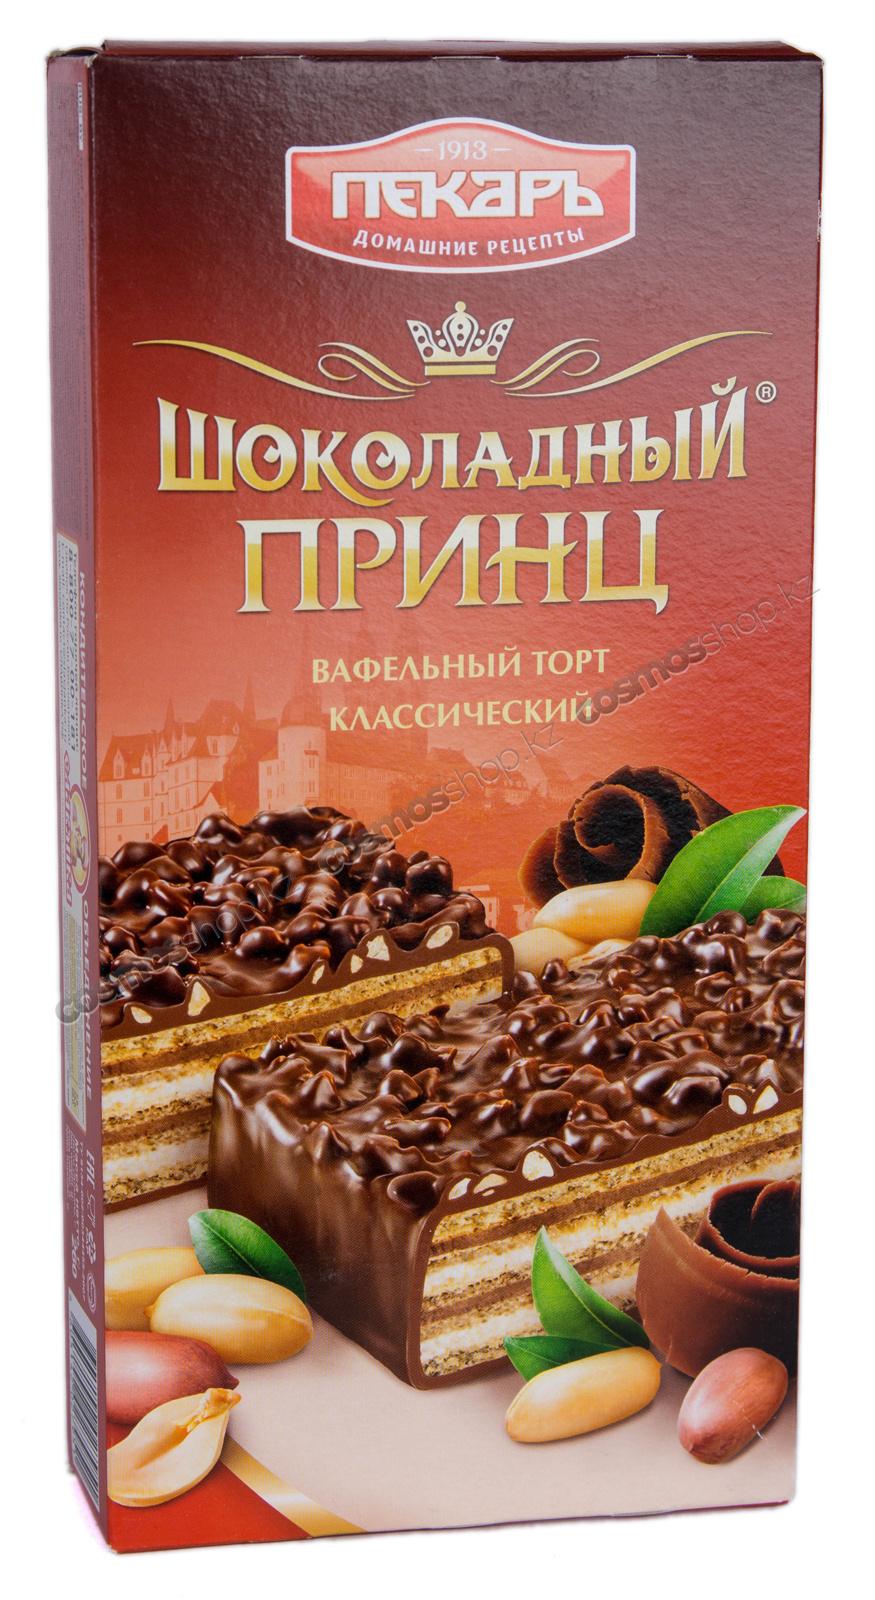 Торт вафельный шоколадный принц